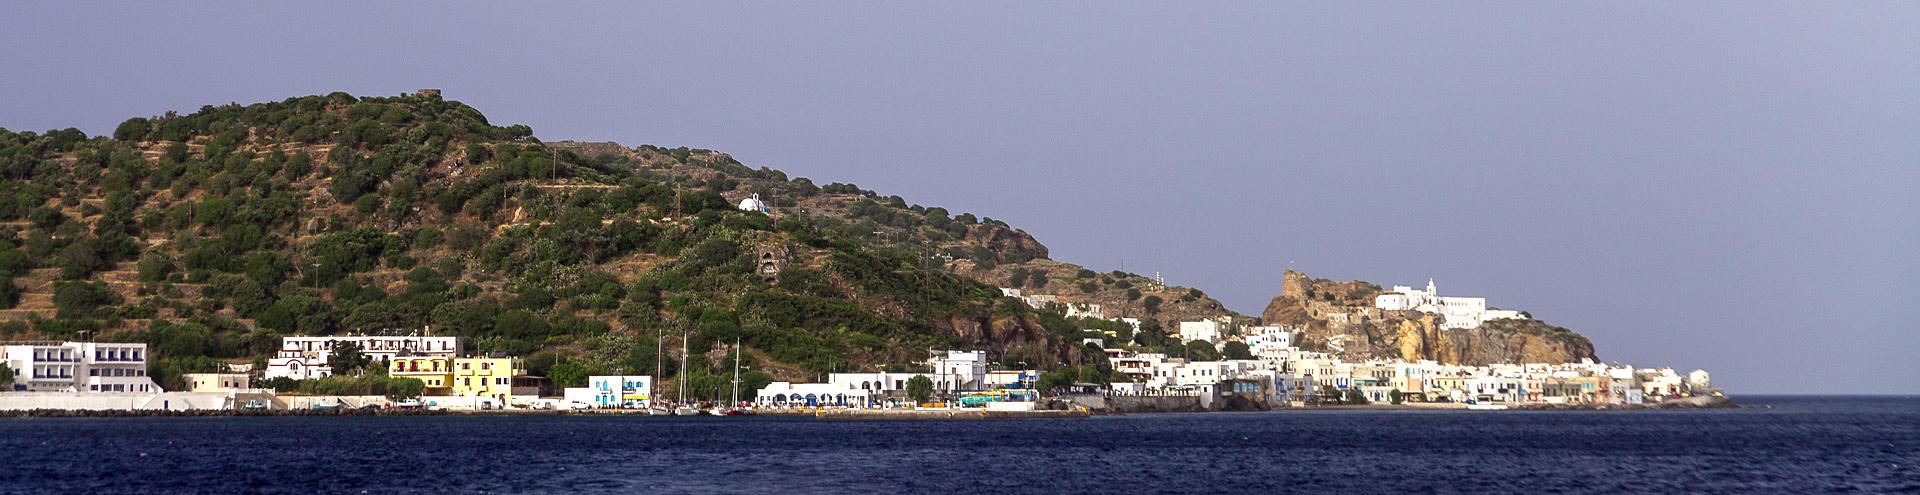 Unser Hotel auf der Insel Nisyros